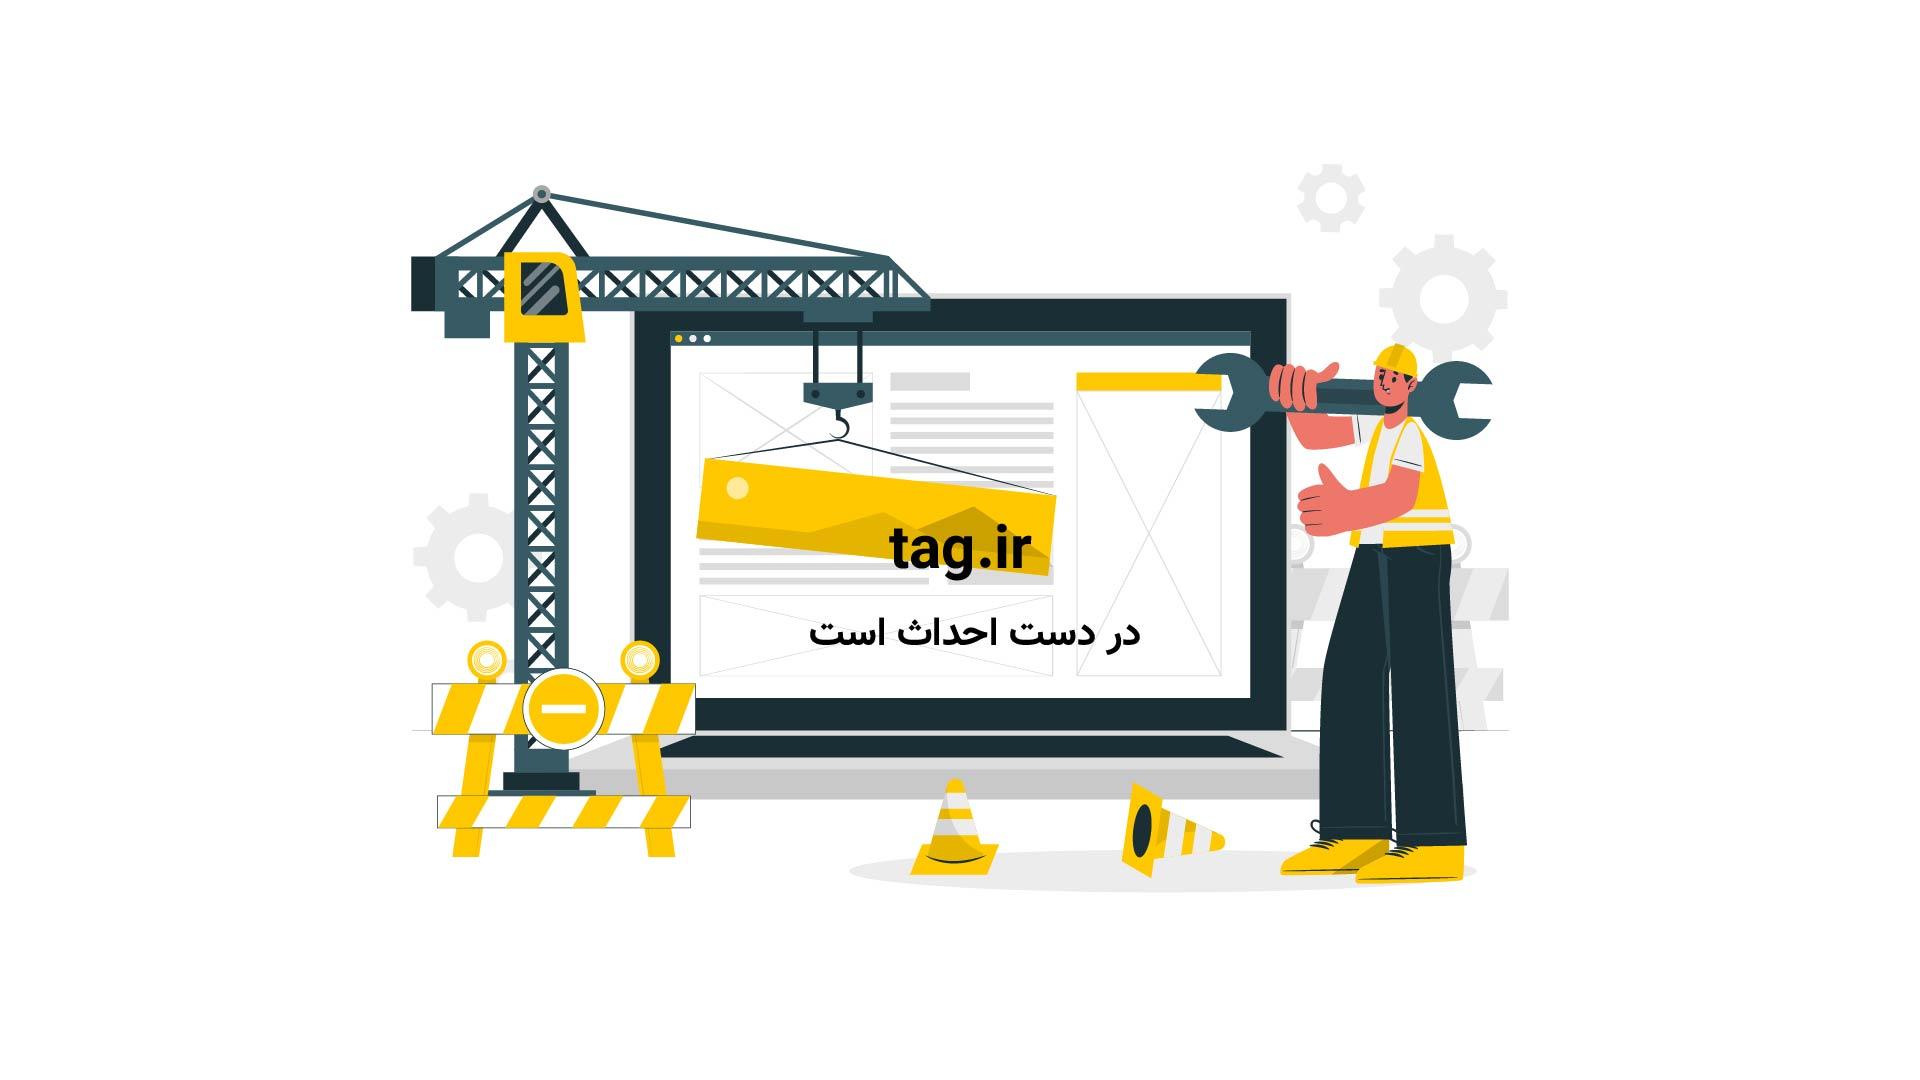 مقایسه مسی 21 ساله با رونالدو 21 ساله | فیلم